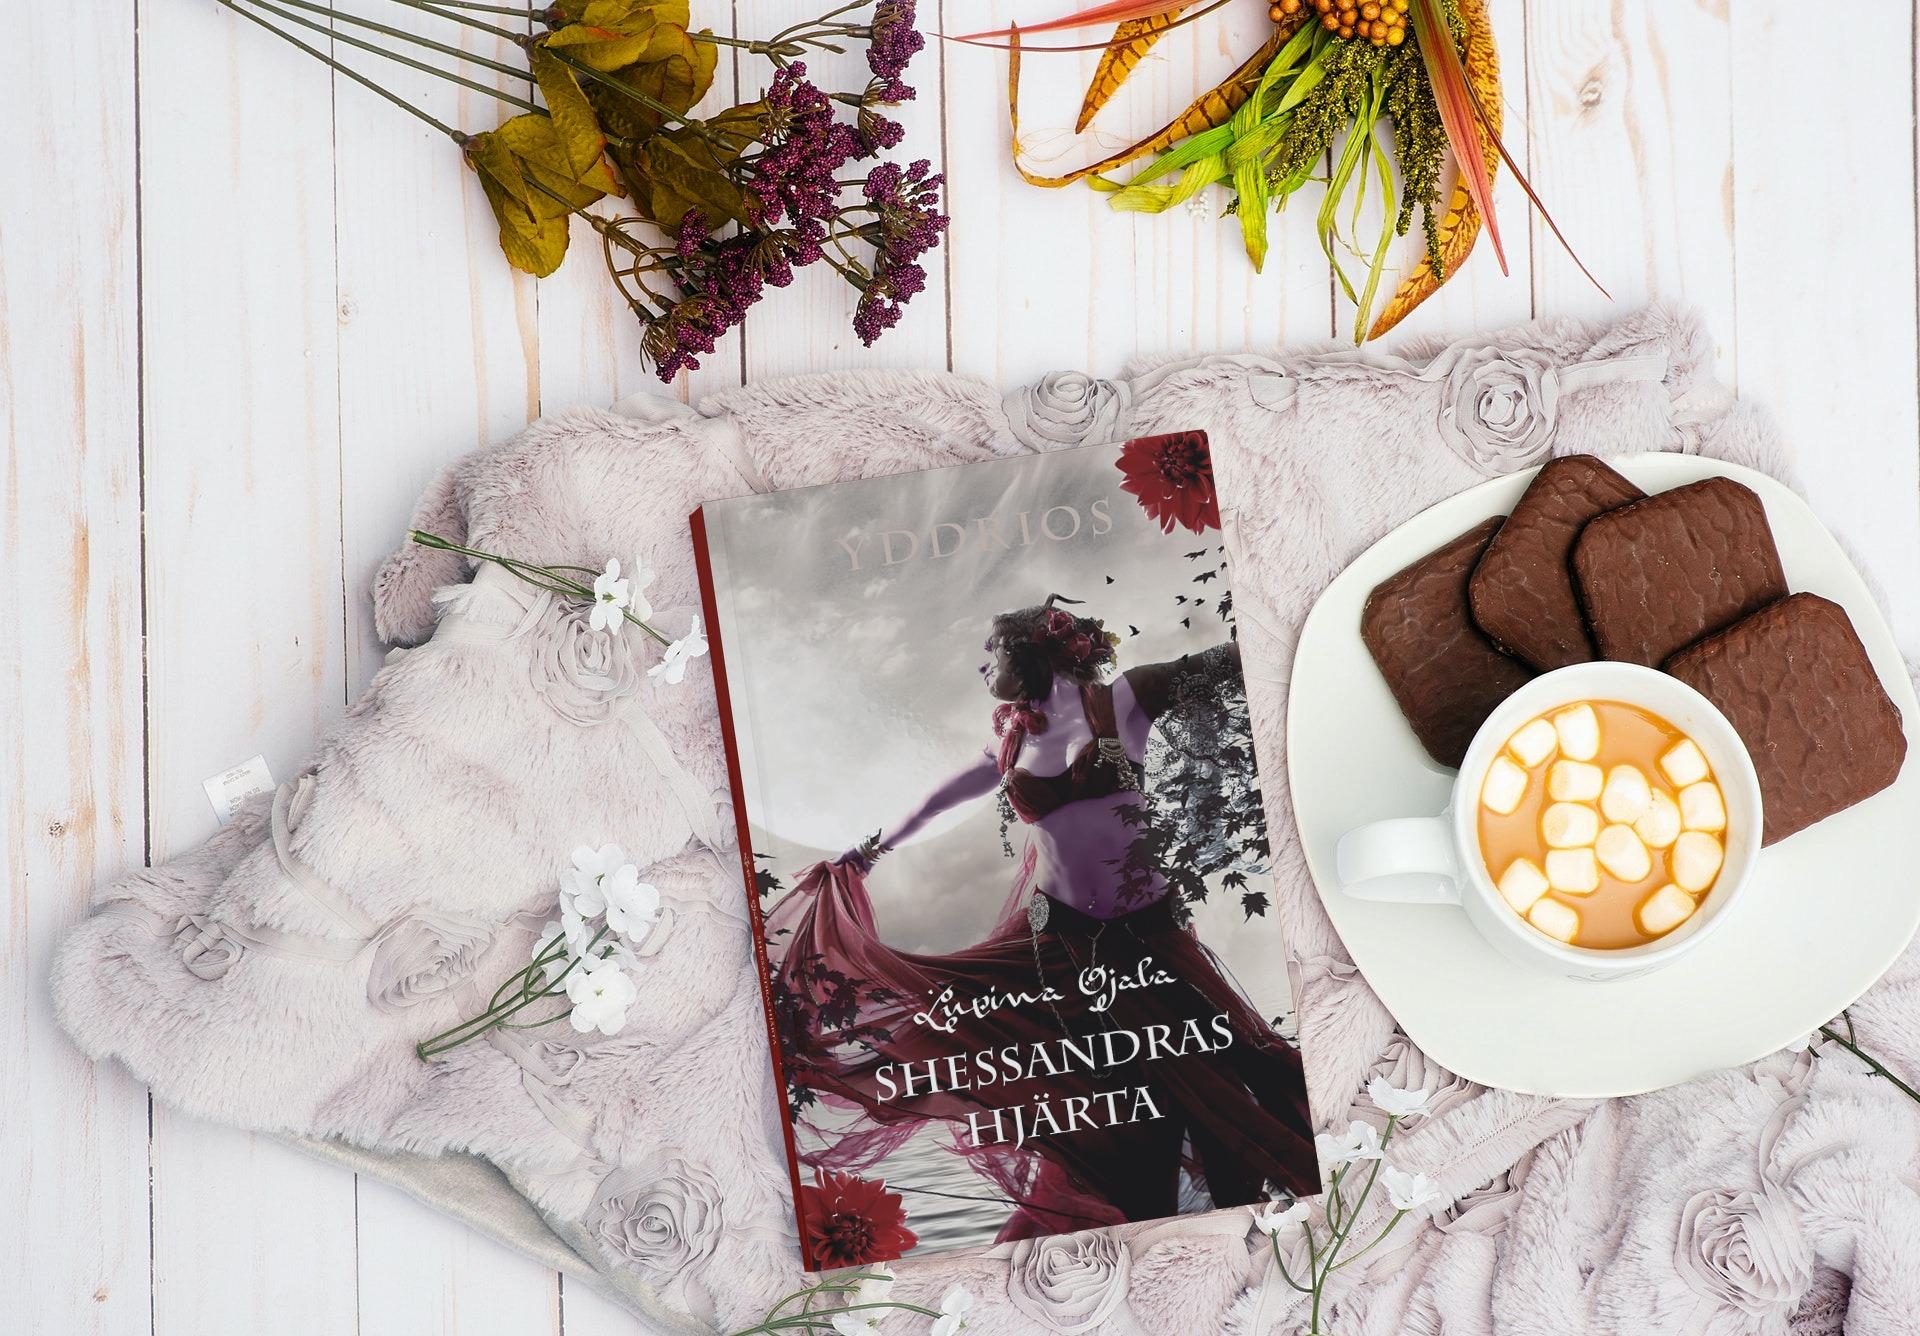 Bok Sehssandras hjärta med fika och blommor